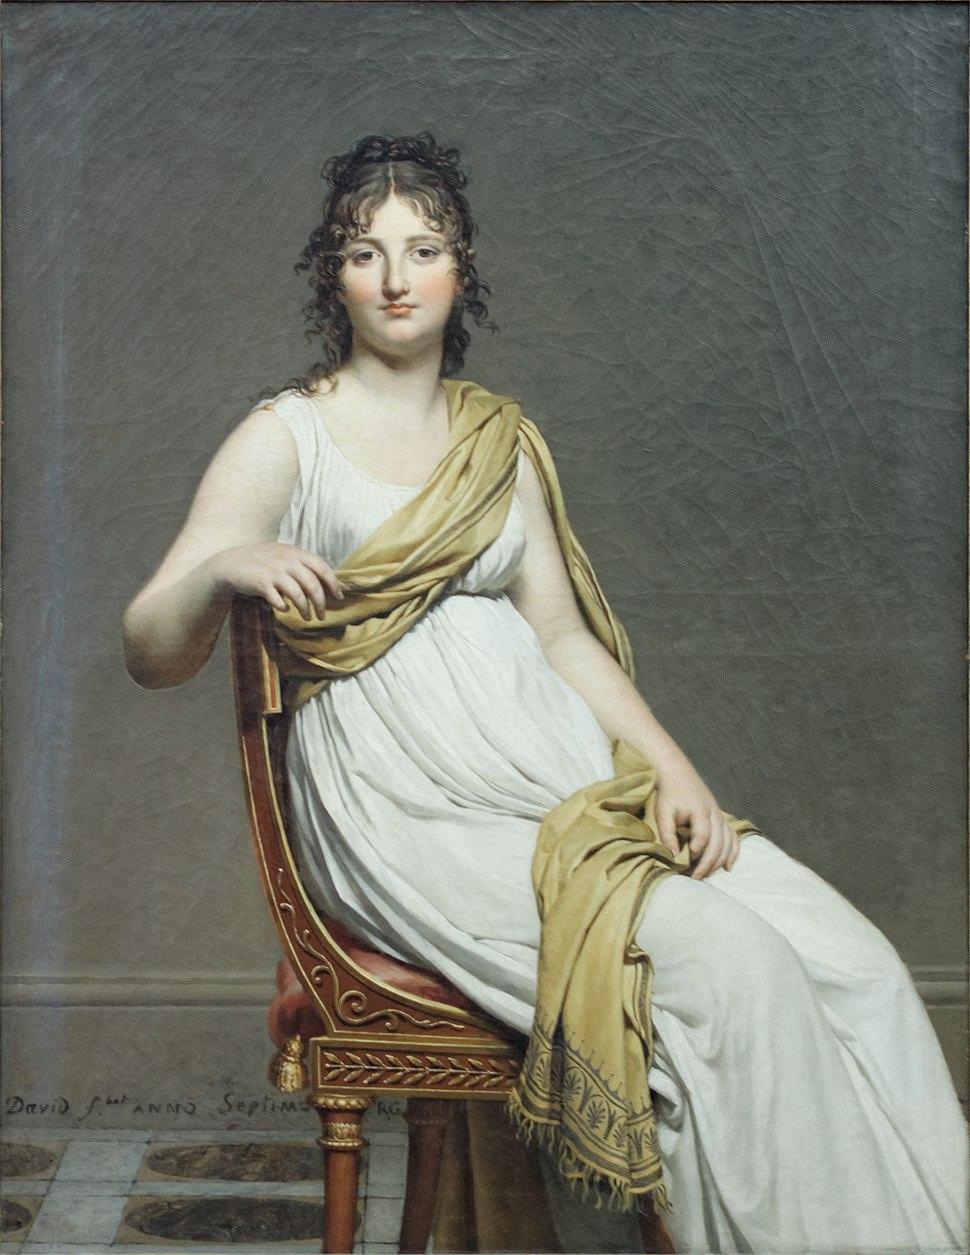 Portrait de madame de Verninac by David Louvre RF1942-16 n2